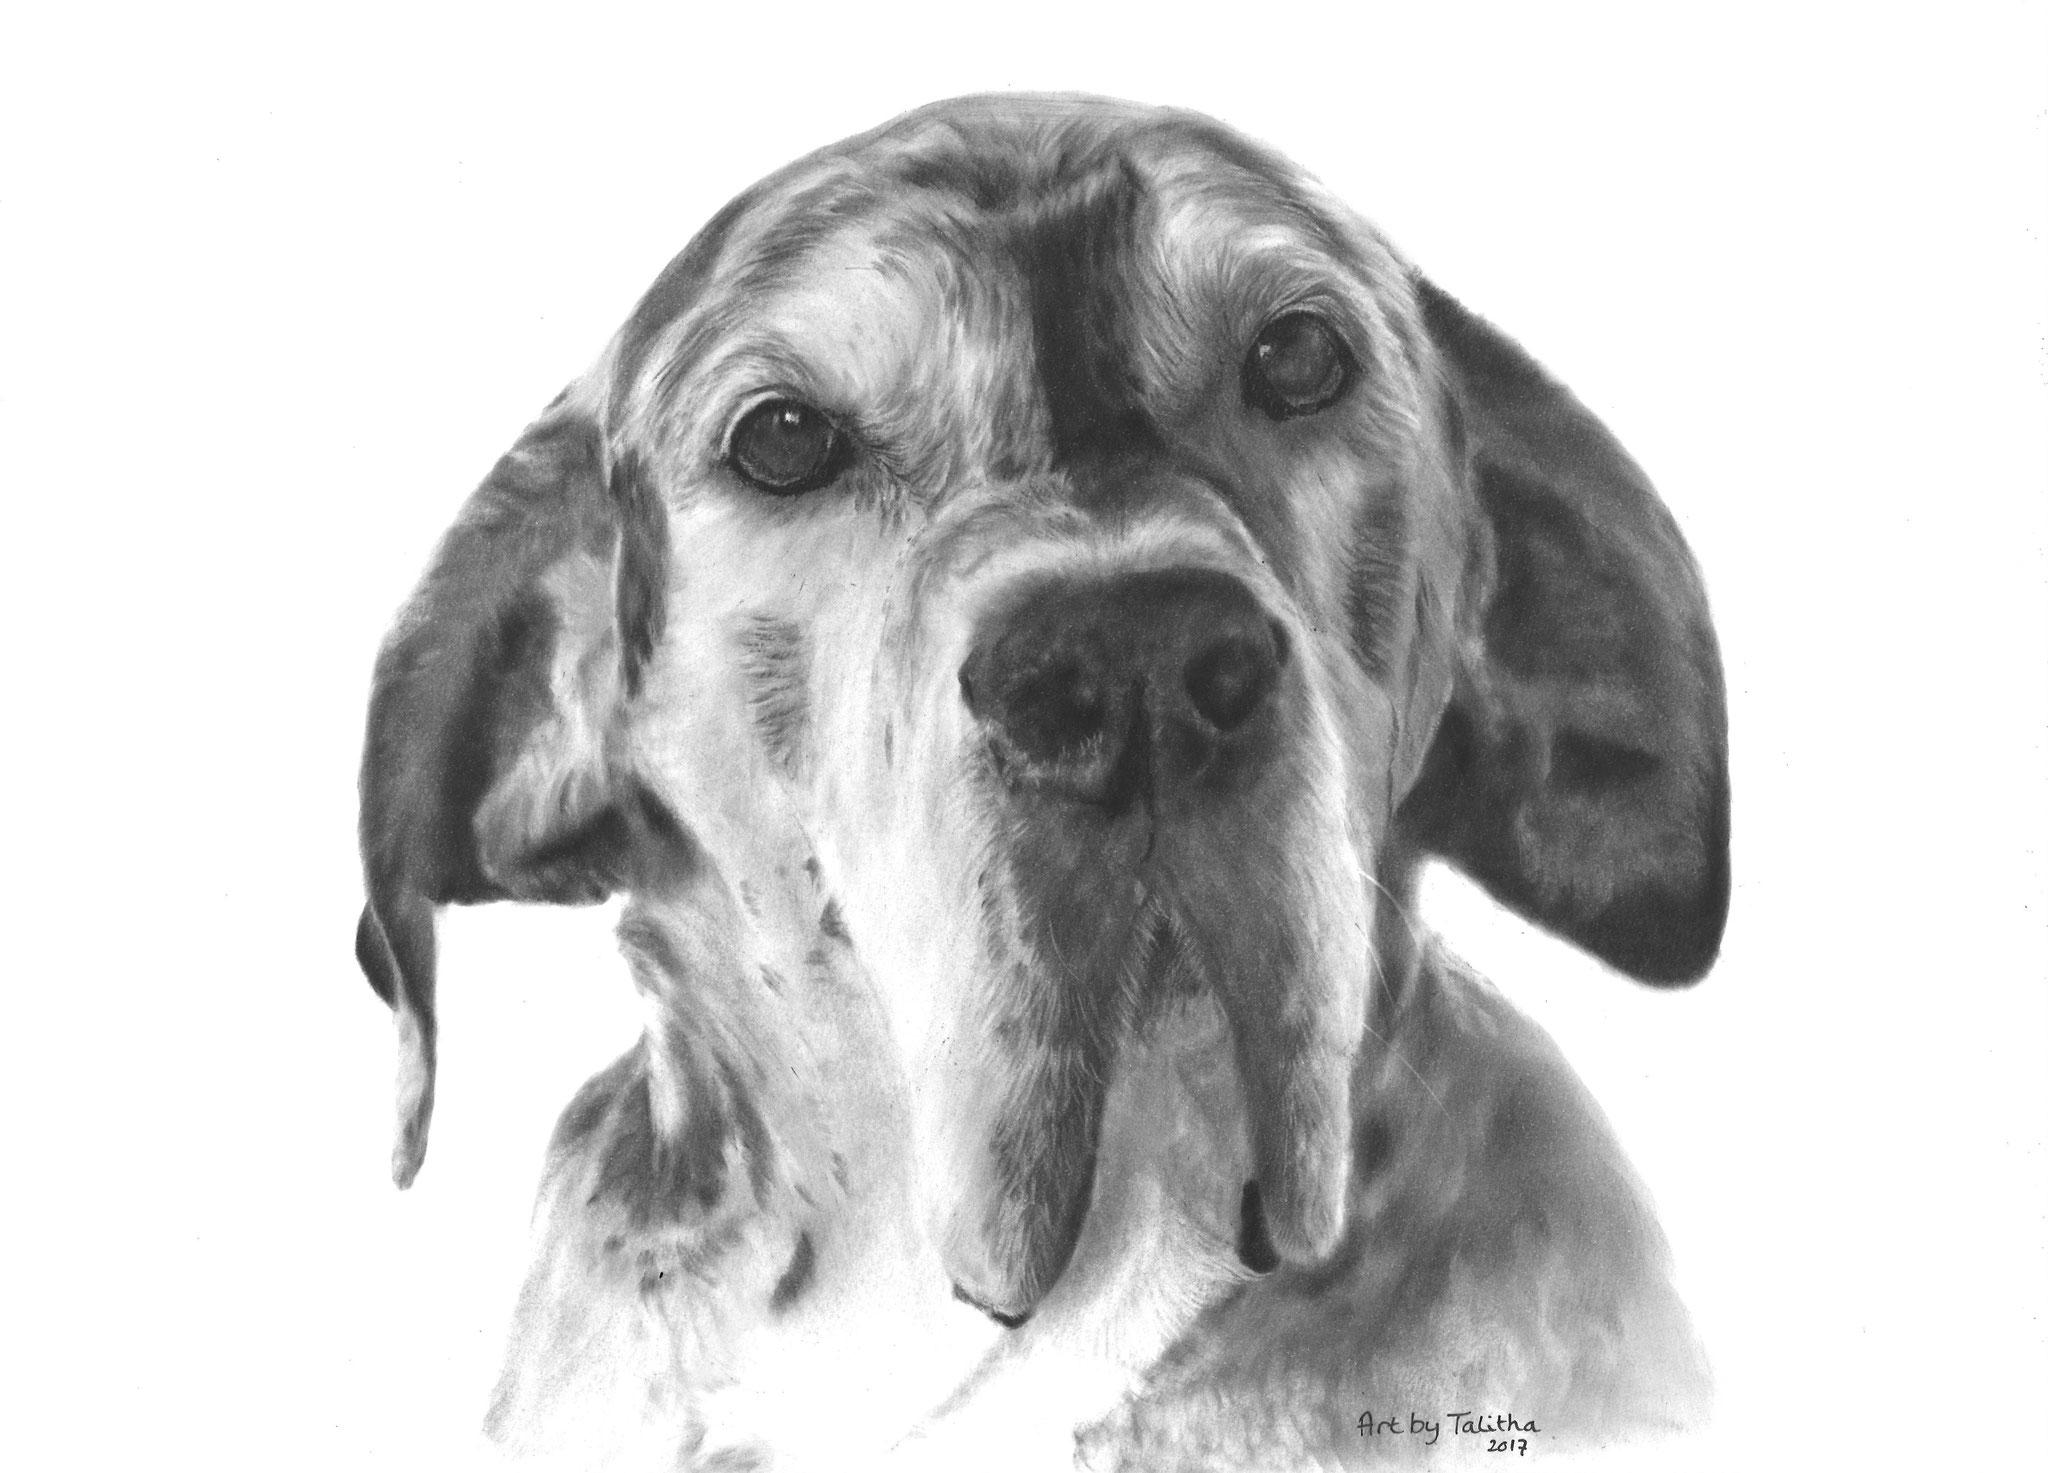 'In liefdevolle herinnering aan Fons de Duitse Dog'